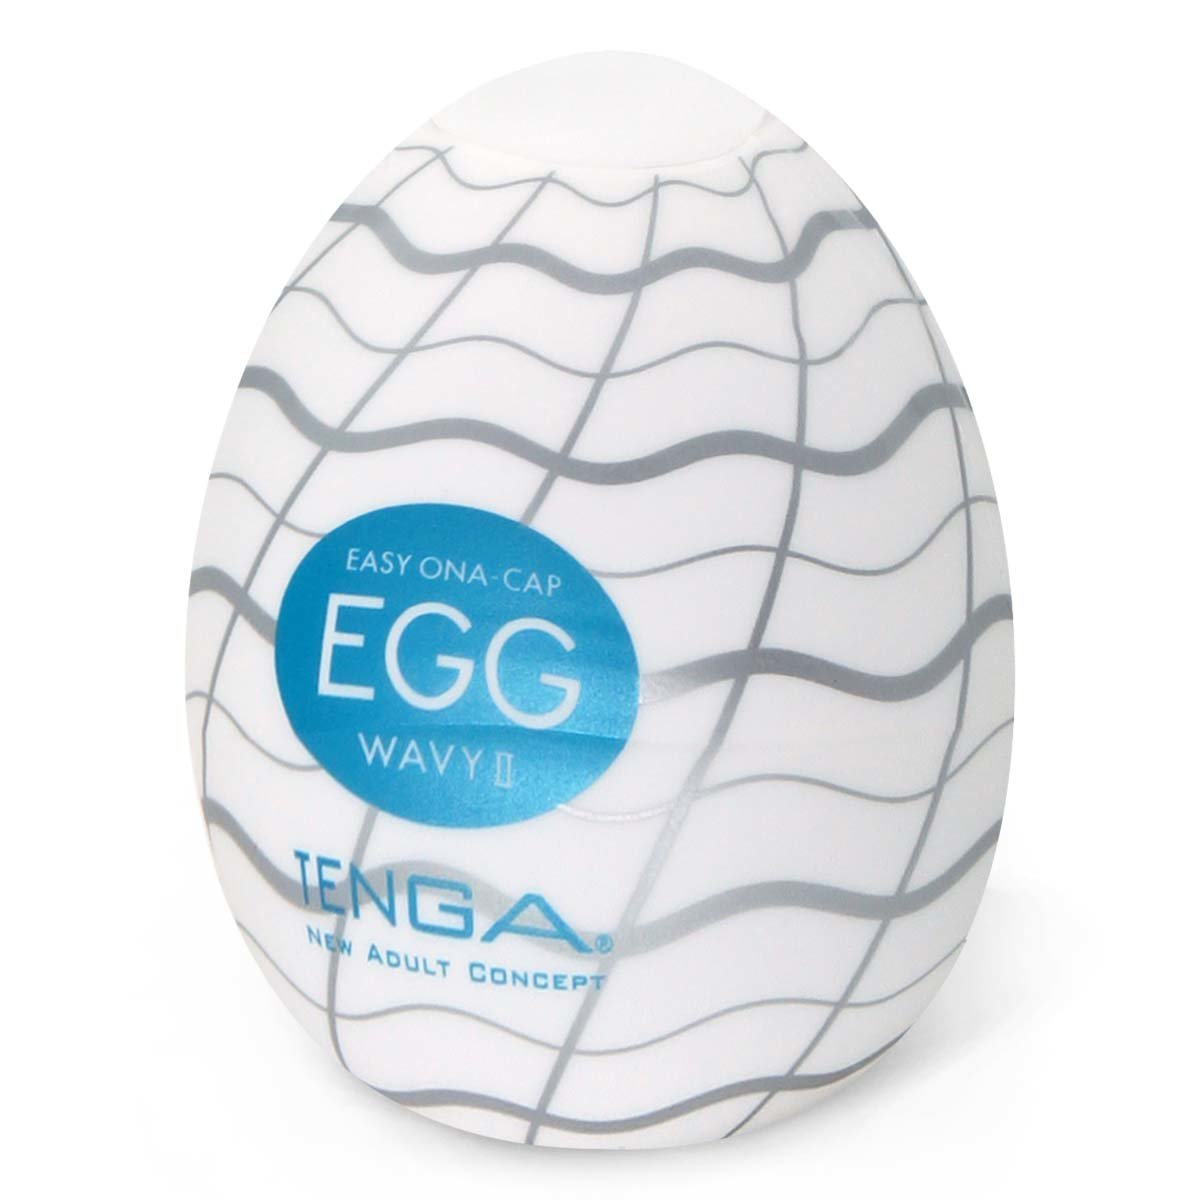 TENGA EGG WAVY II